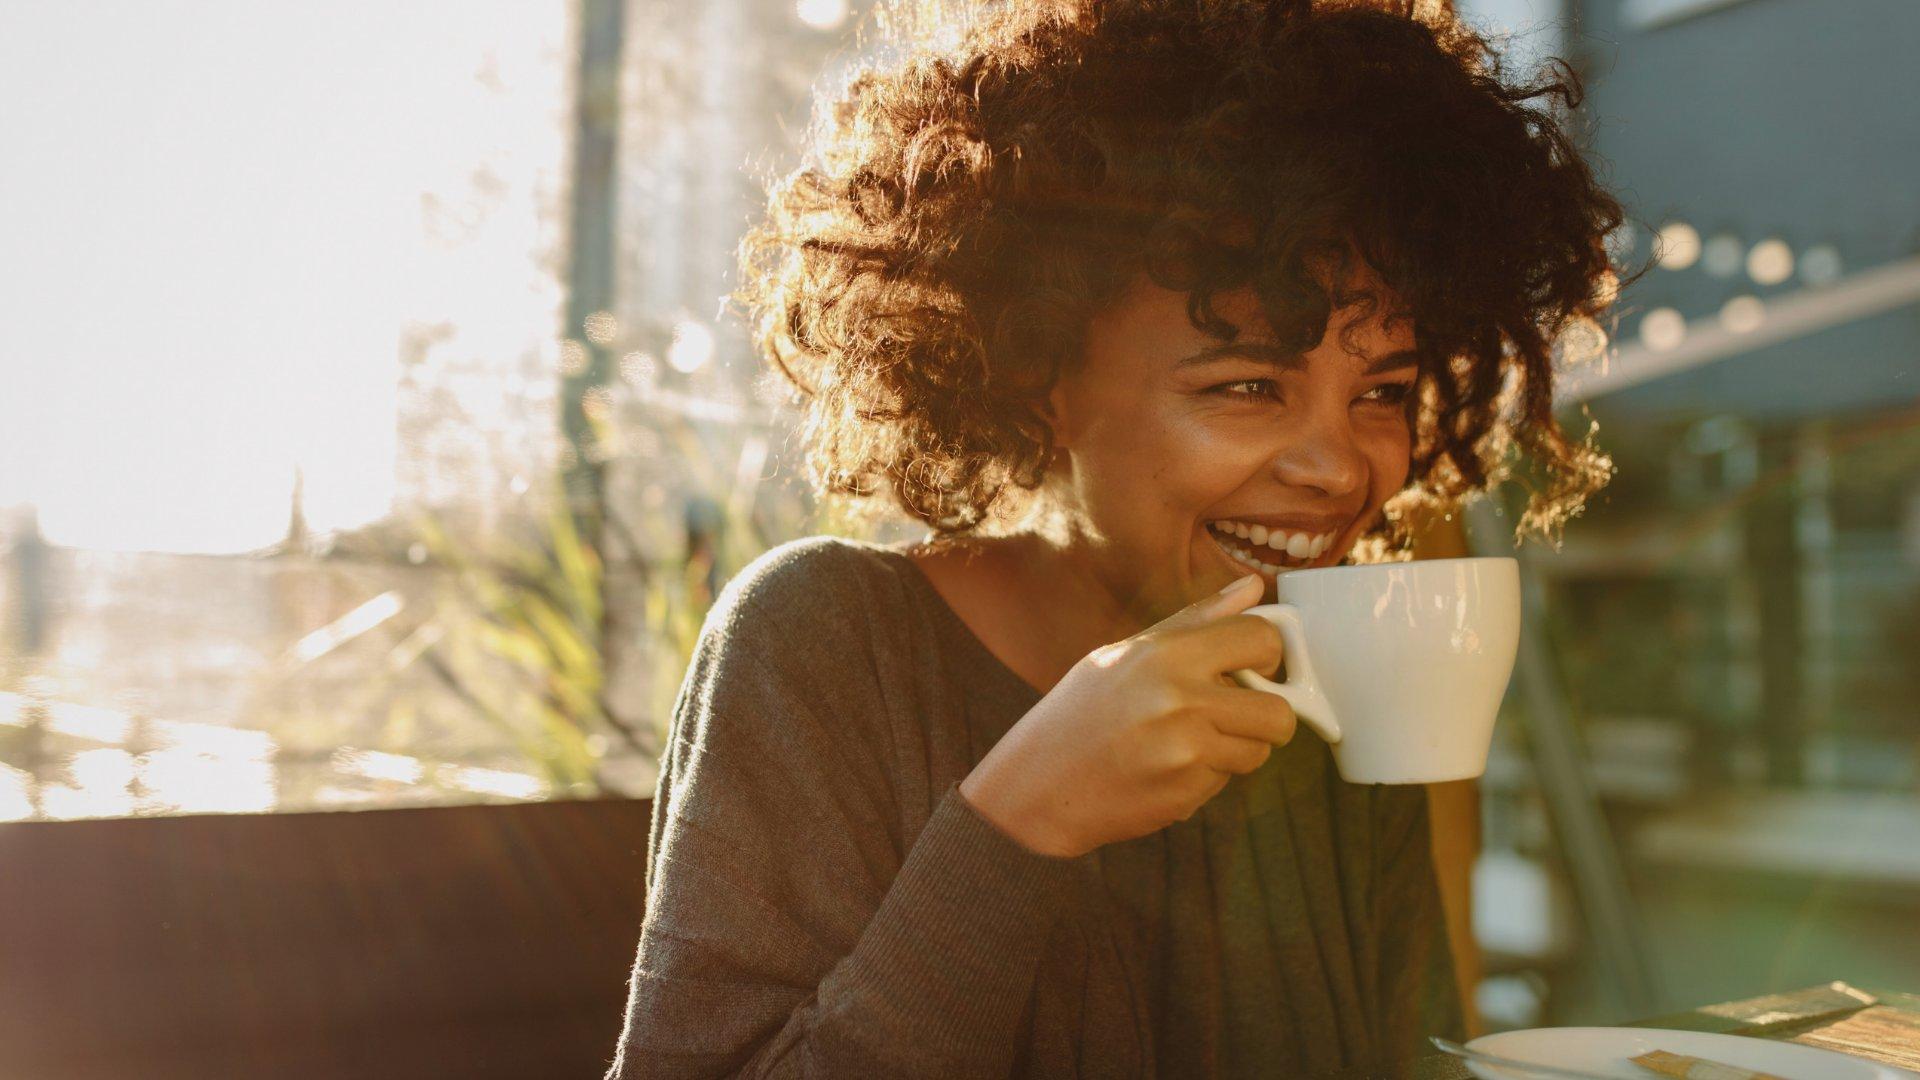 Mulher sentada em um café sorrindo enquanto toma uma xícara de café